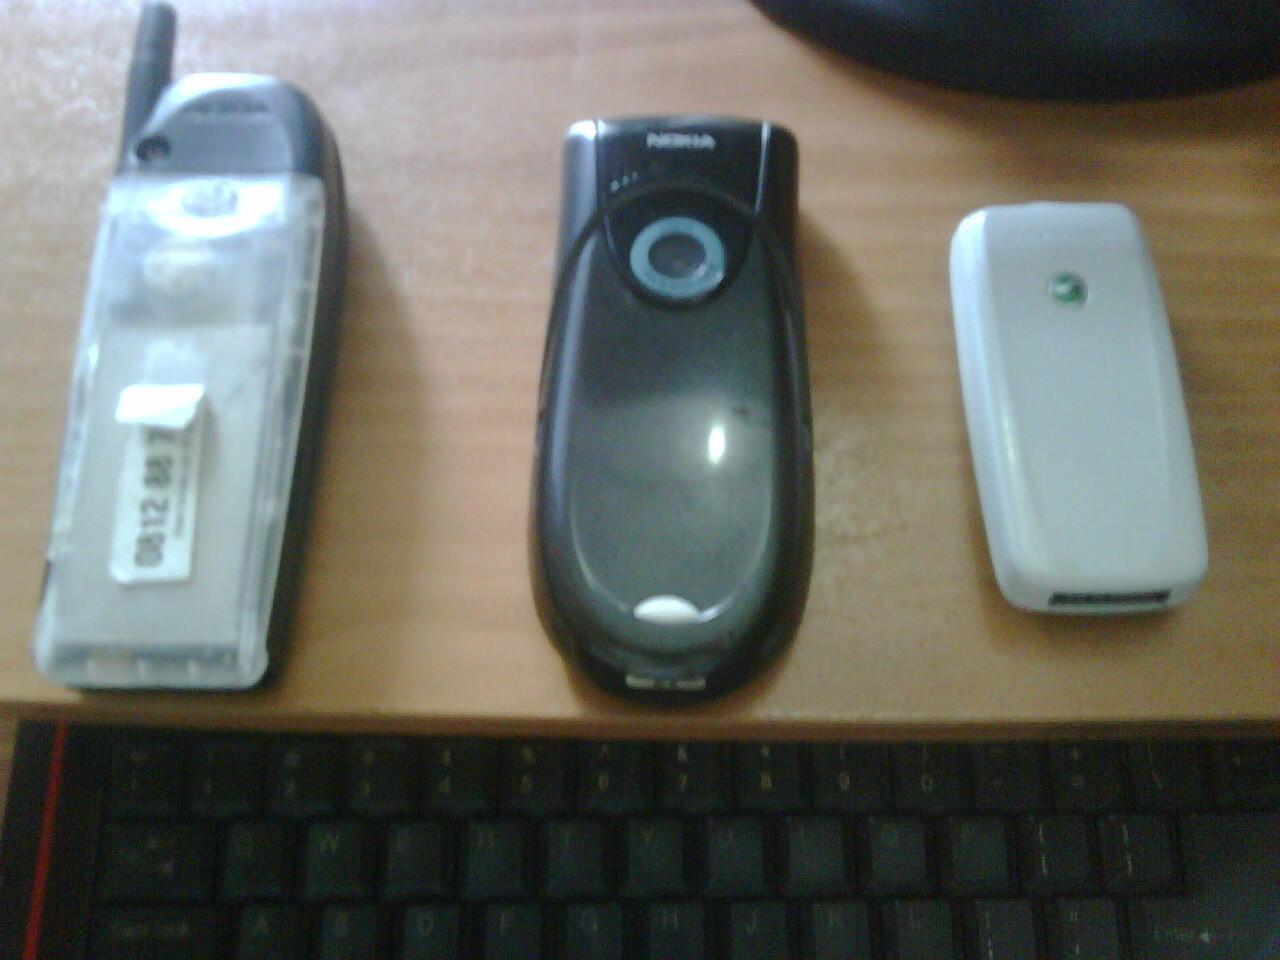 Nokia 5110, Nokia 3660, Sony Ericsson T600